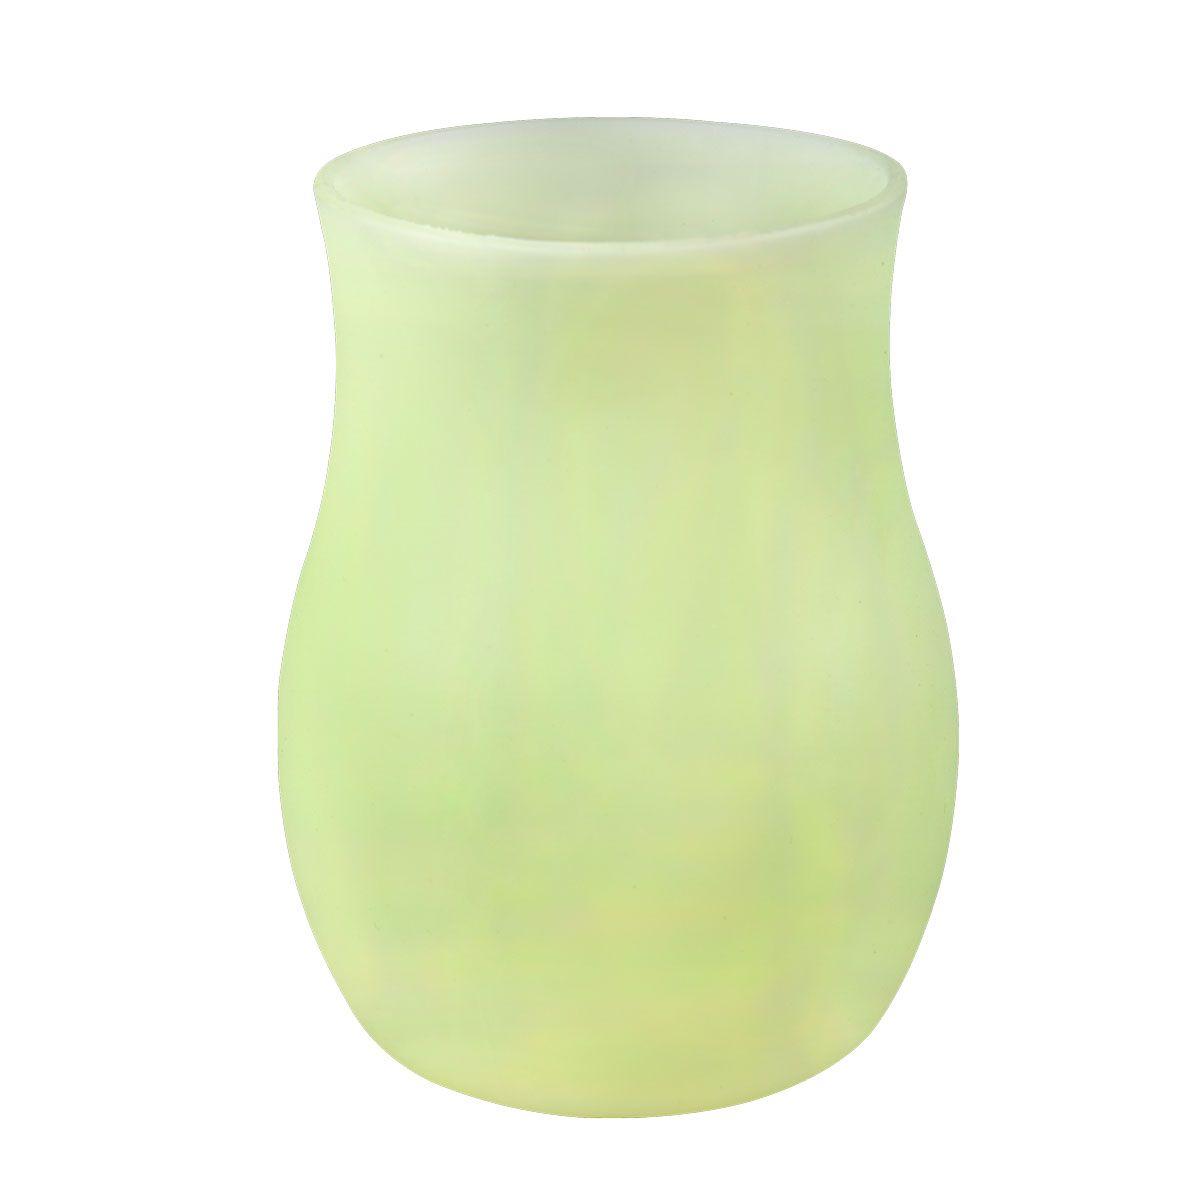 Ваза Miolla, цвет: салатовый, высота 10 см3502008UДекоративные вазы в наше время пользуются очень большим спросом. Любители украшать свой дом, оценят этот античный сосуд, который может стать не только красивым, но и практичным дополнением любого интерьера.